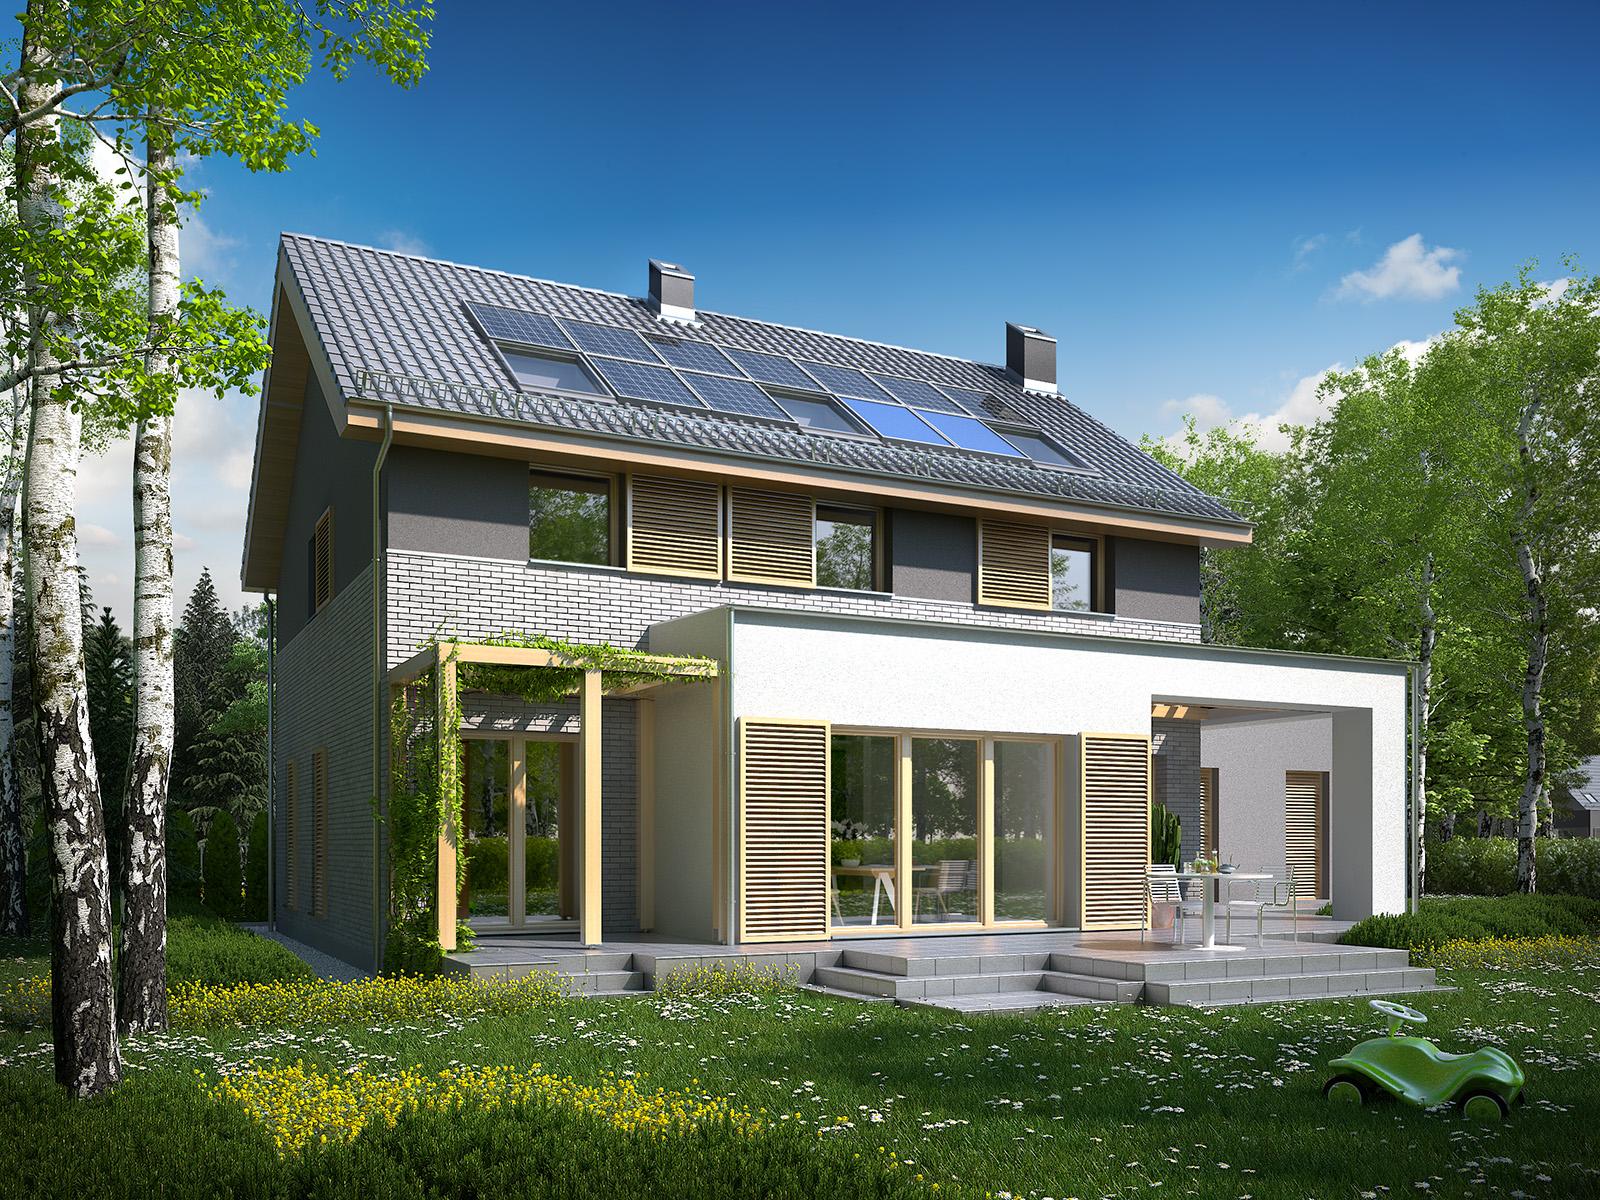 Projekt domu SIELSKI Domy Czystej Energii widok od ogrodu